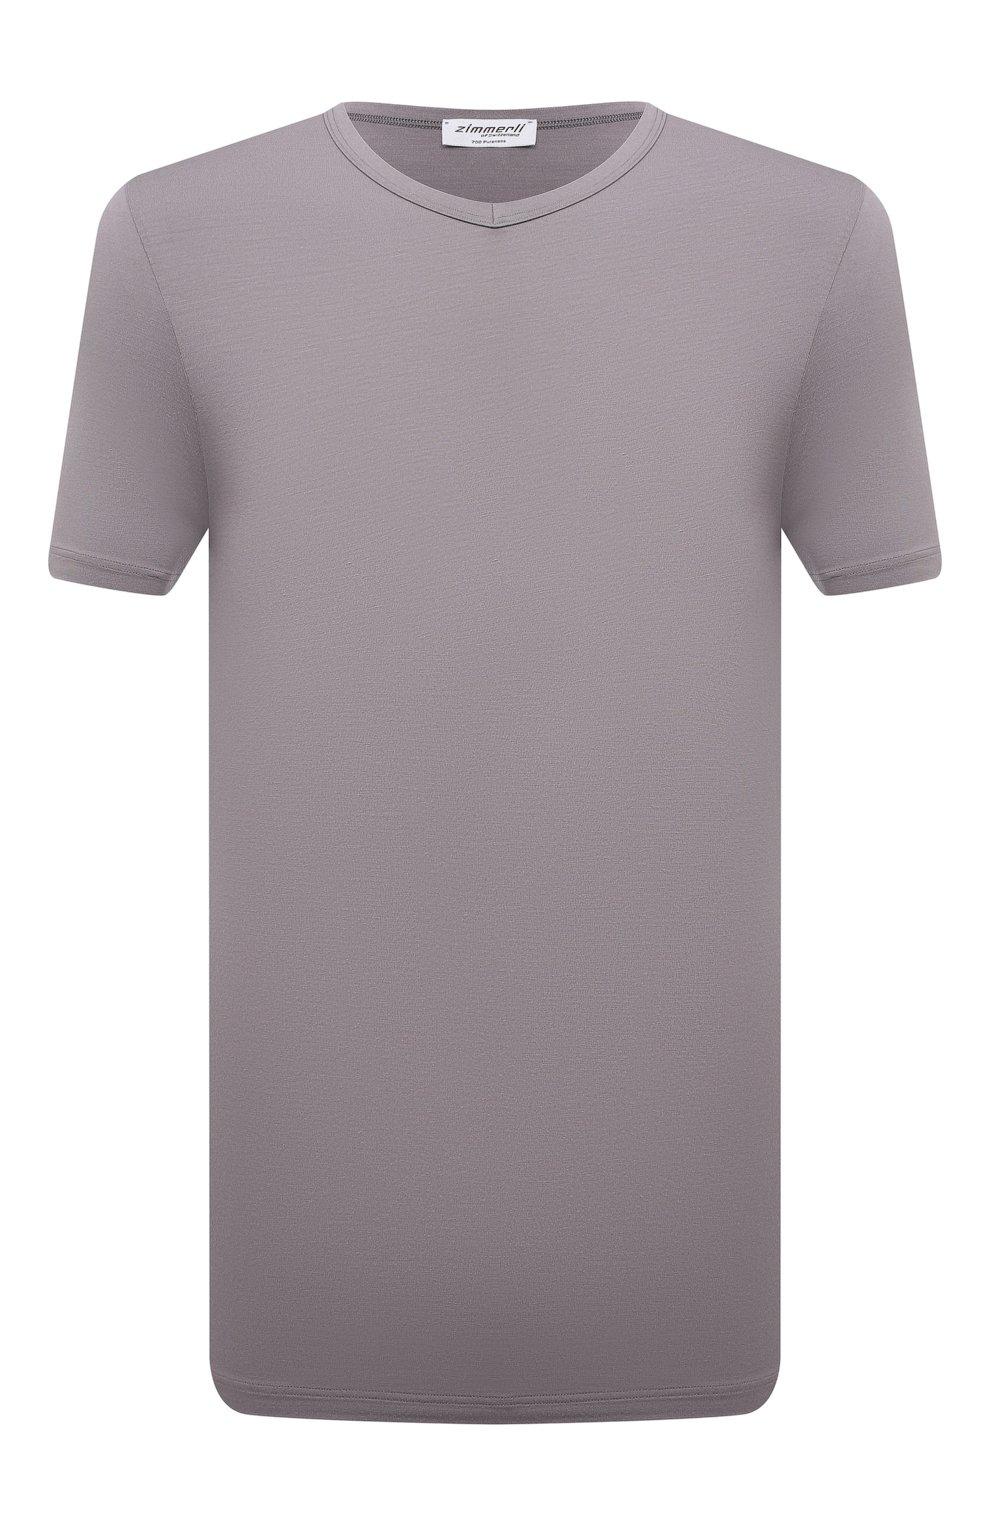 Мужская футболка ZIMMERLI серого цвета, арт. 700-1346 | Фото 1 (Кросс-КТ: домашняя одежда; Рукава: Короткие; Материал внешний: Синтетический материал; Длина (для топов): Стандартные; Мужское Кросс-КТ: Футболка-белье)